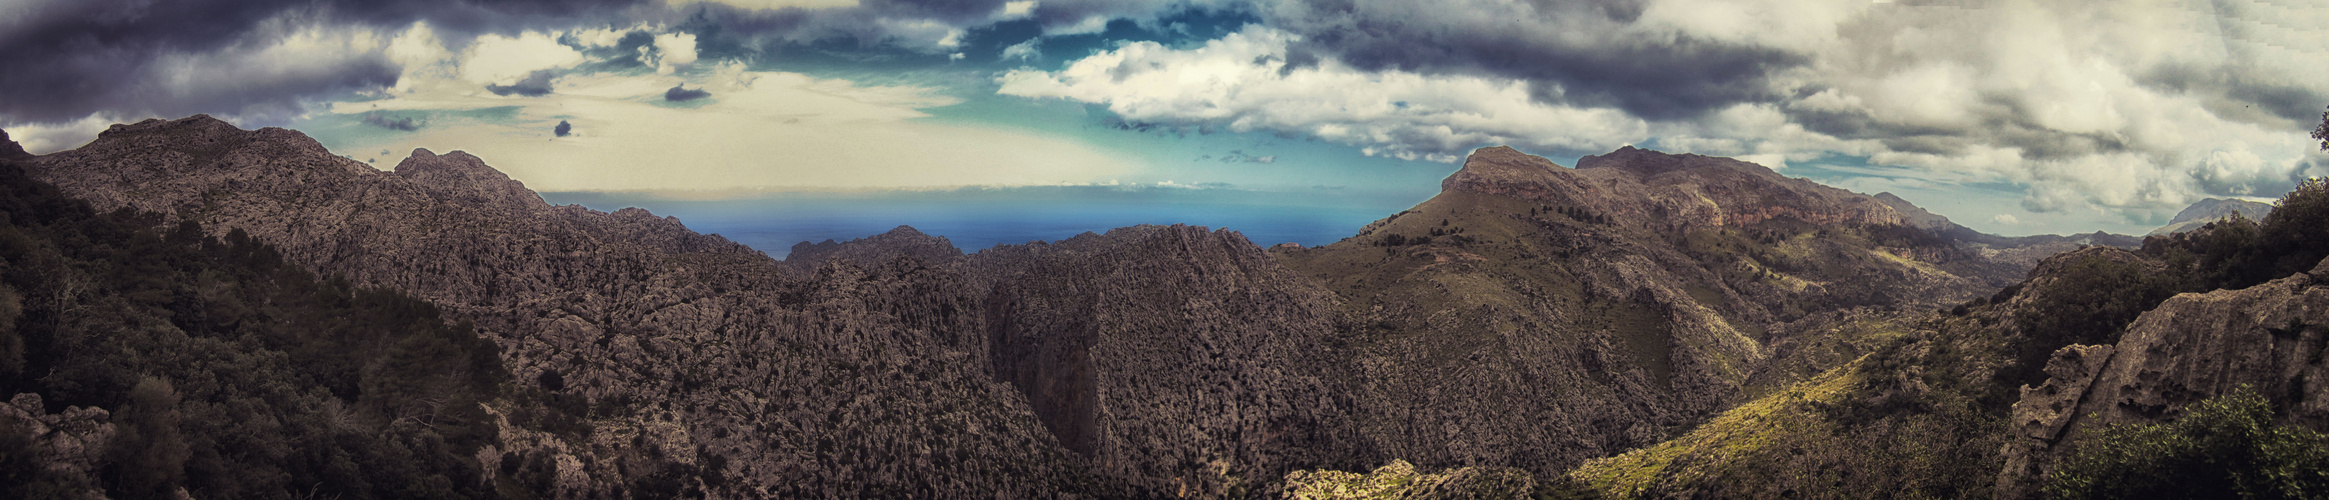 Blick von einem Gipfel der Tramuntana in Richtung Küste